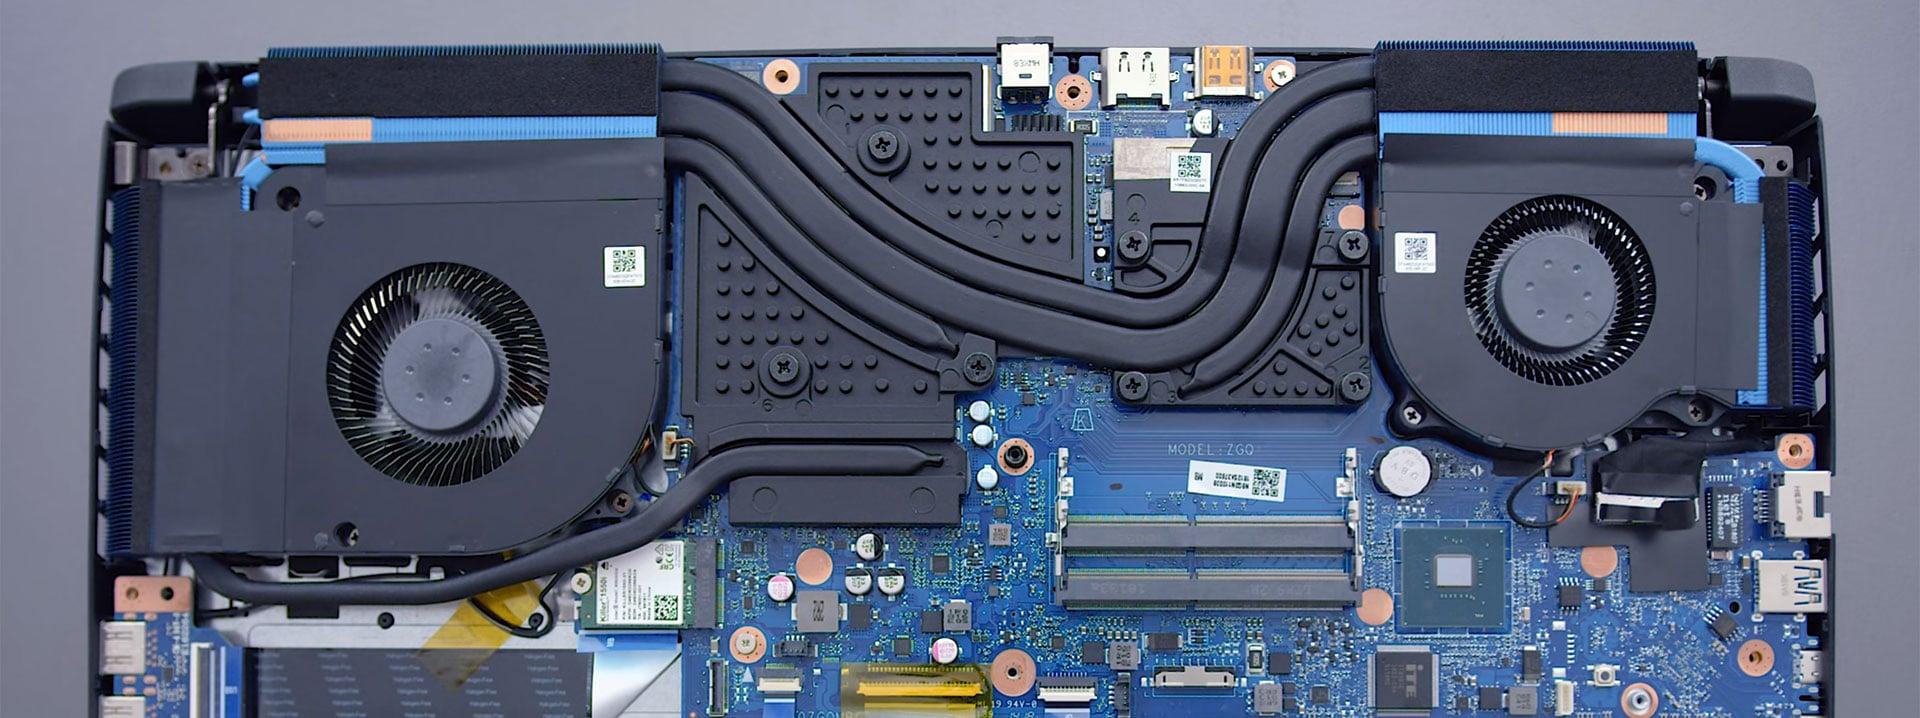 Acer Predator Helios 500 review (PH517-51 - Core i9-8950HK